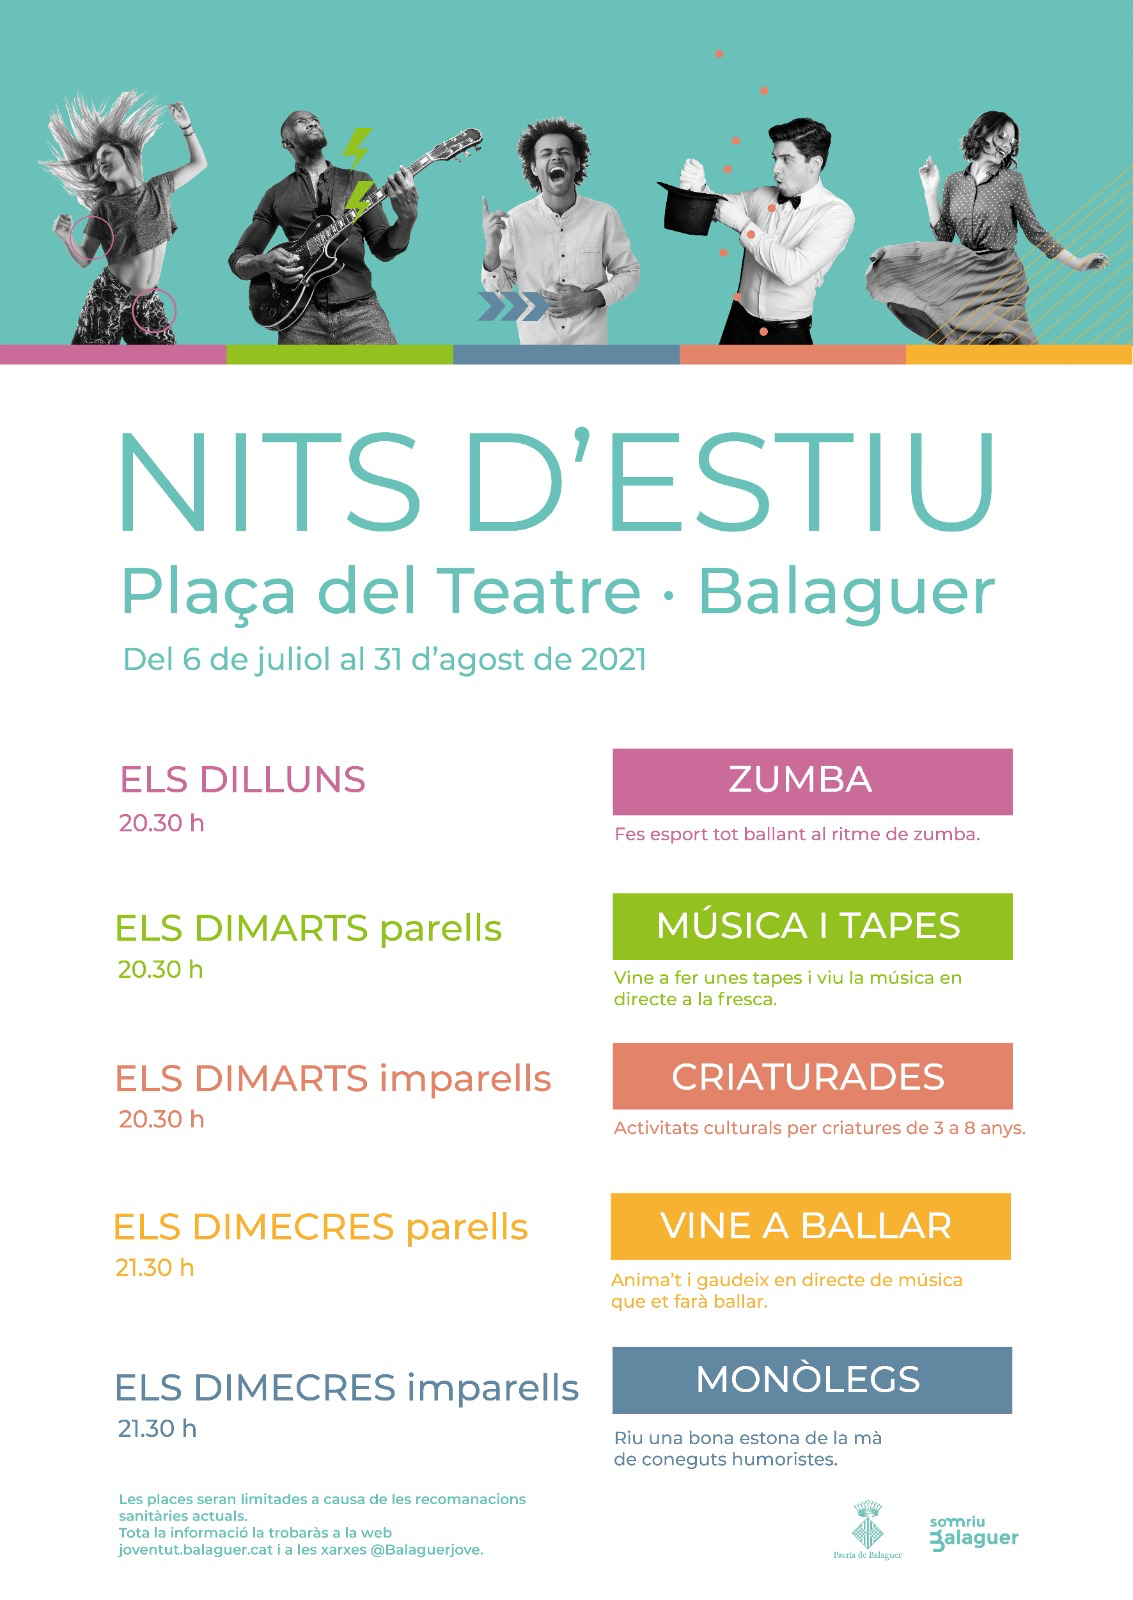 NITS D'ESTIU